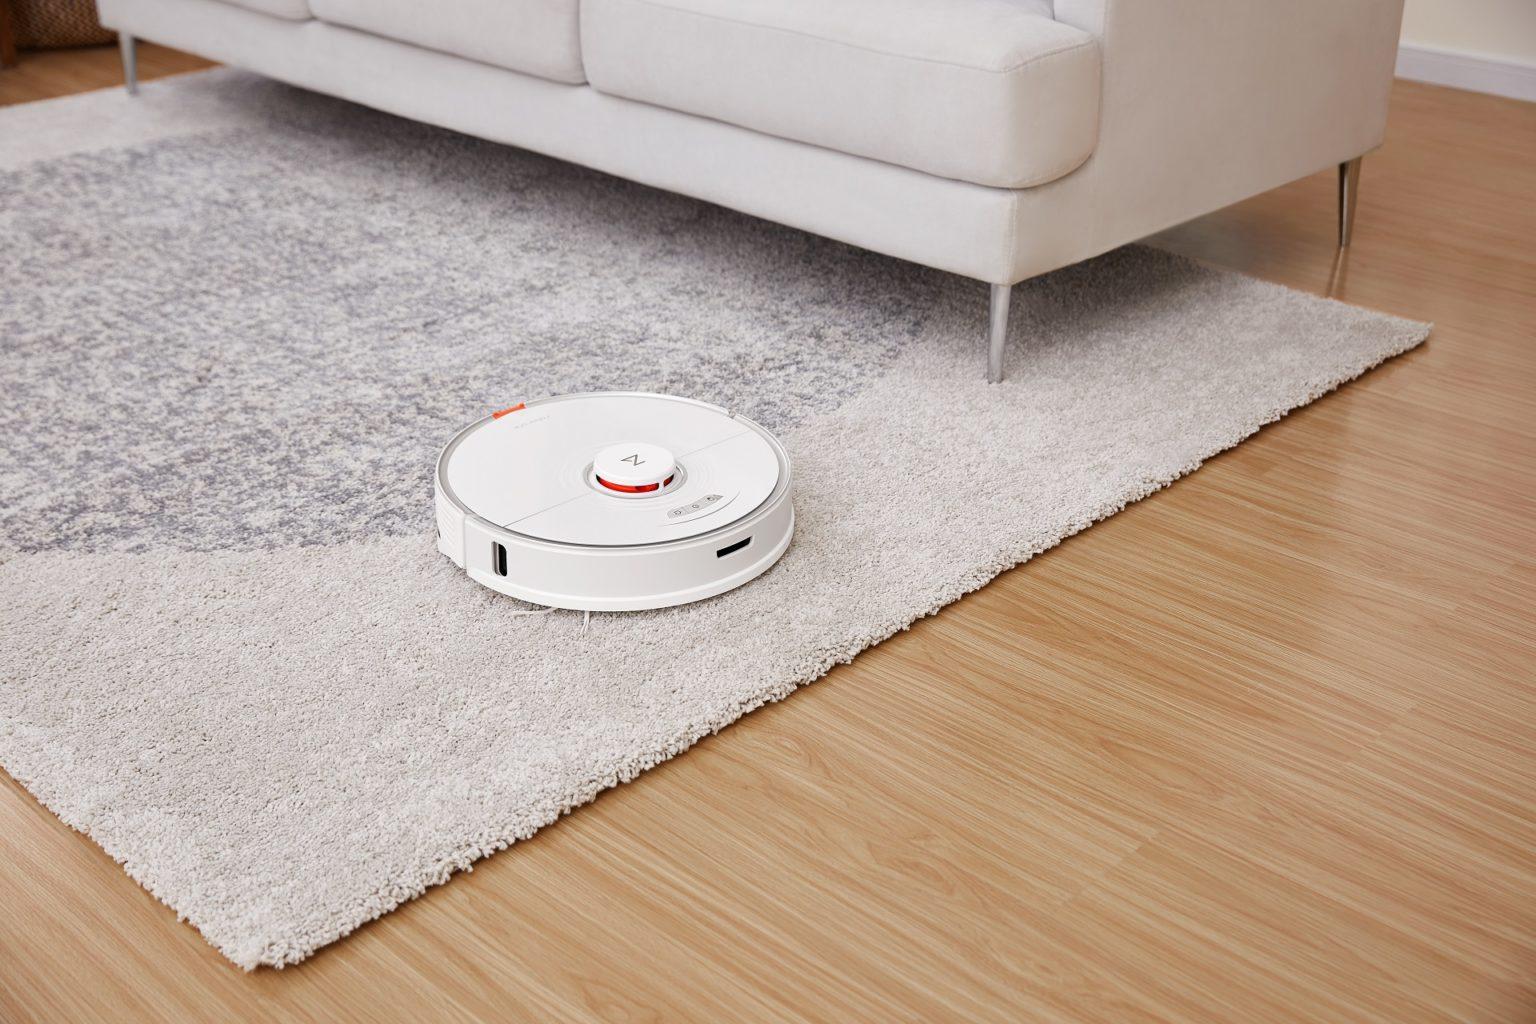 robot aspirador Roborock S7 sobre la alfombra